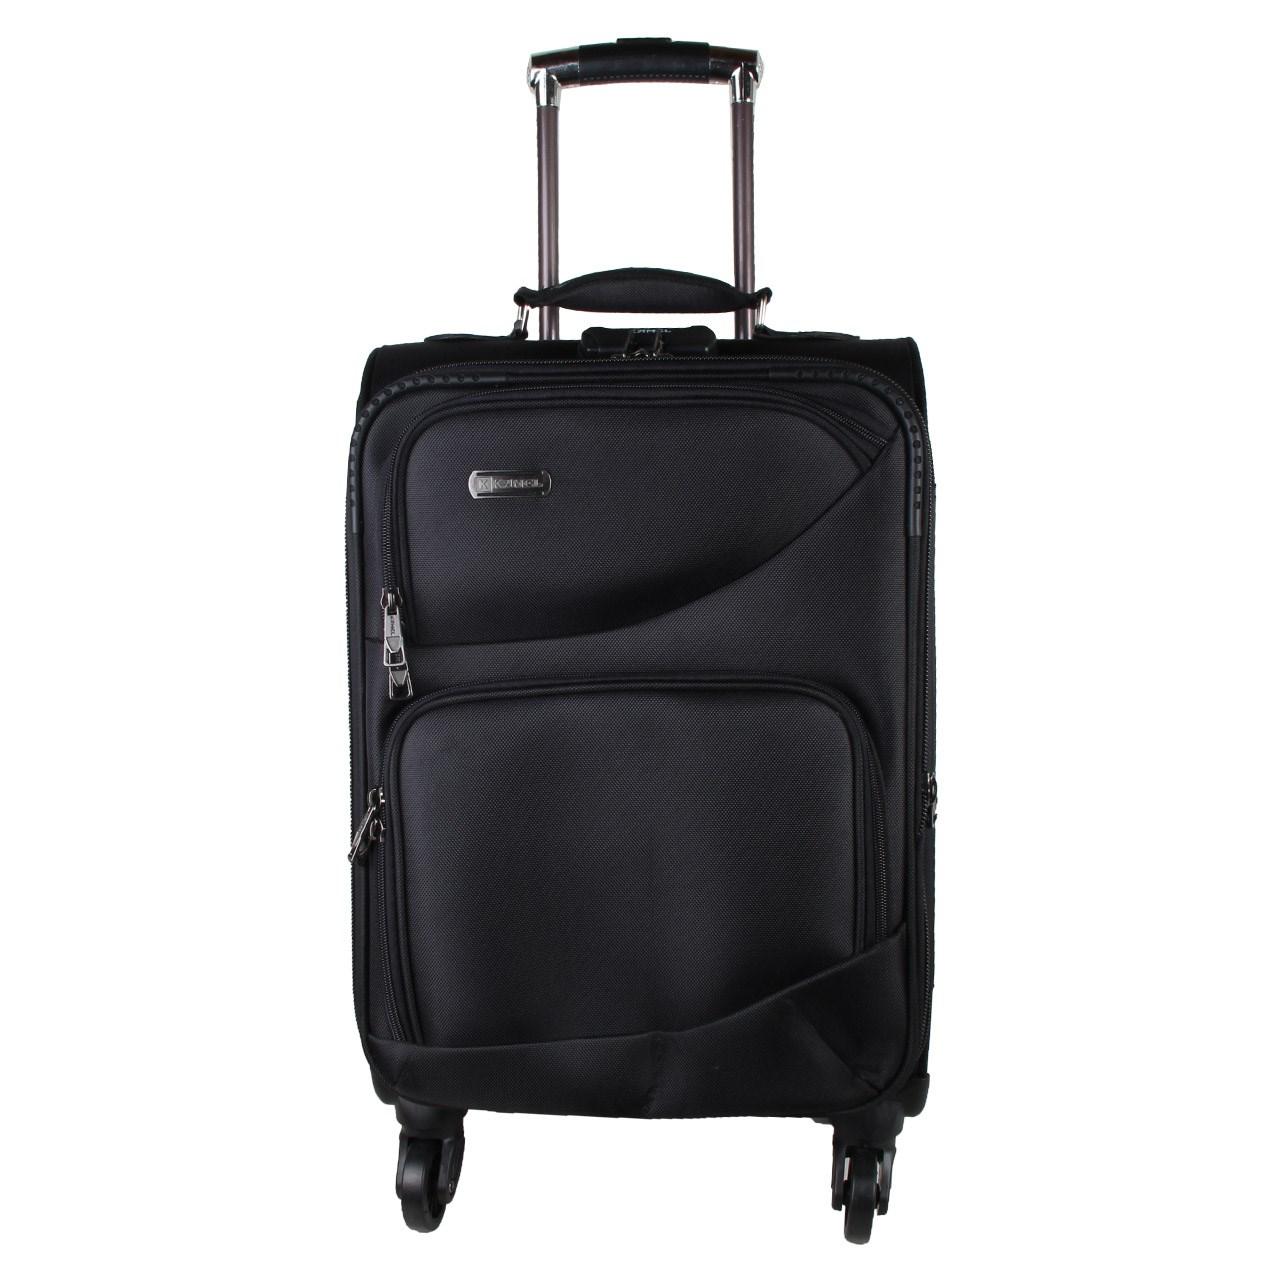 چمدان کمل مدل 1-28-4-6036